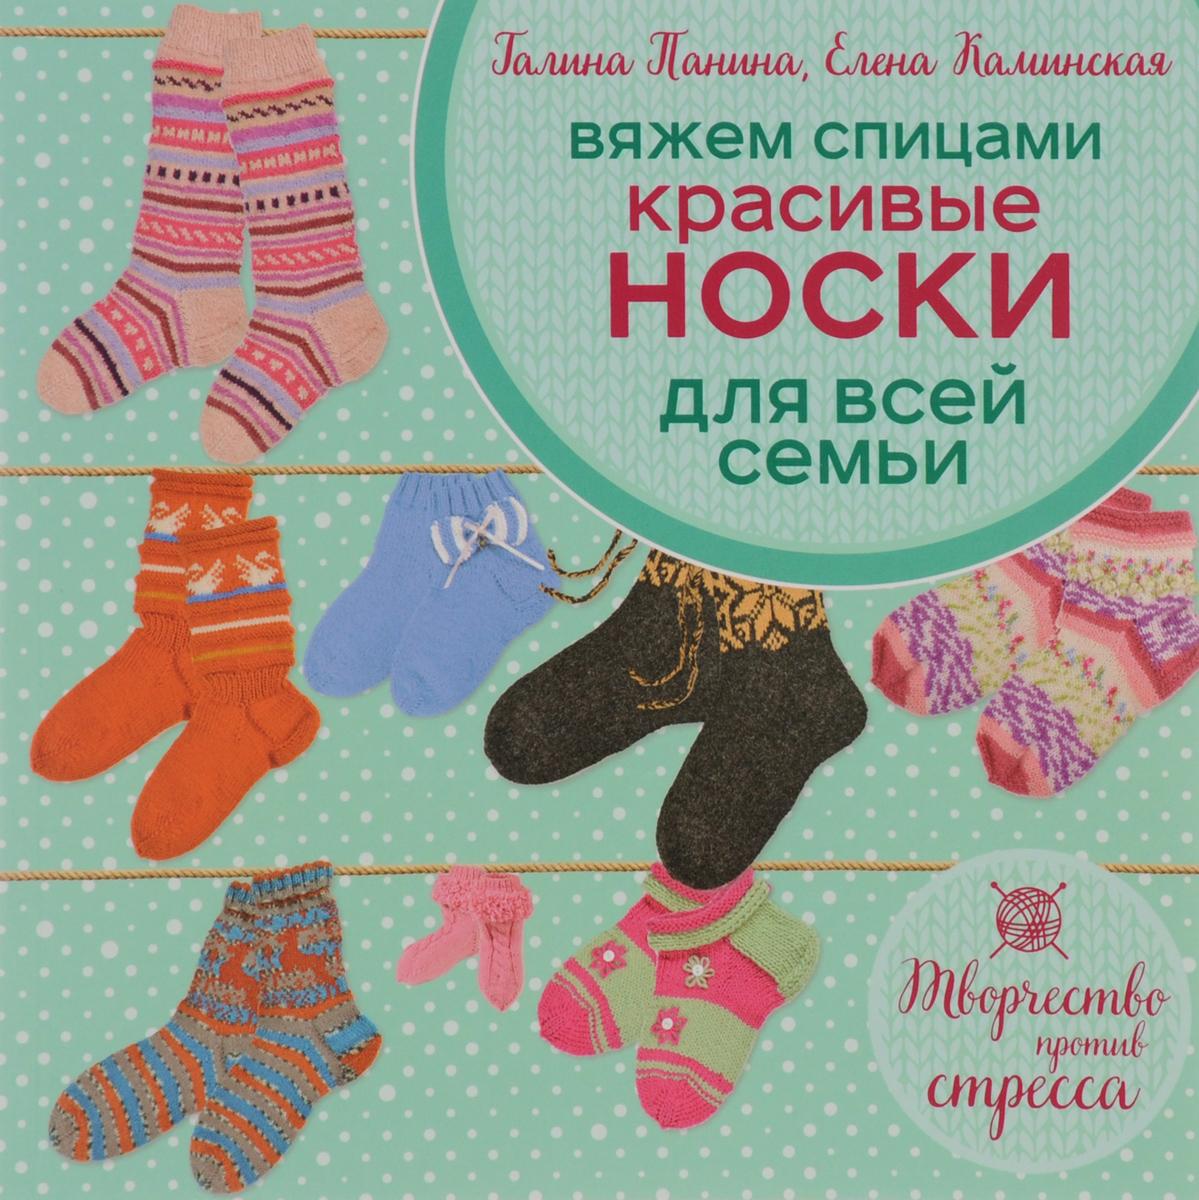 Галина Панина, Елена Каминская Вяжем спицами. Красивые носки для всей семьи